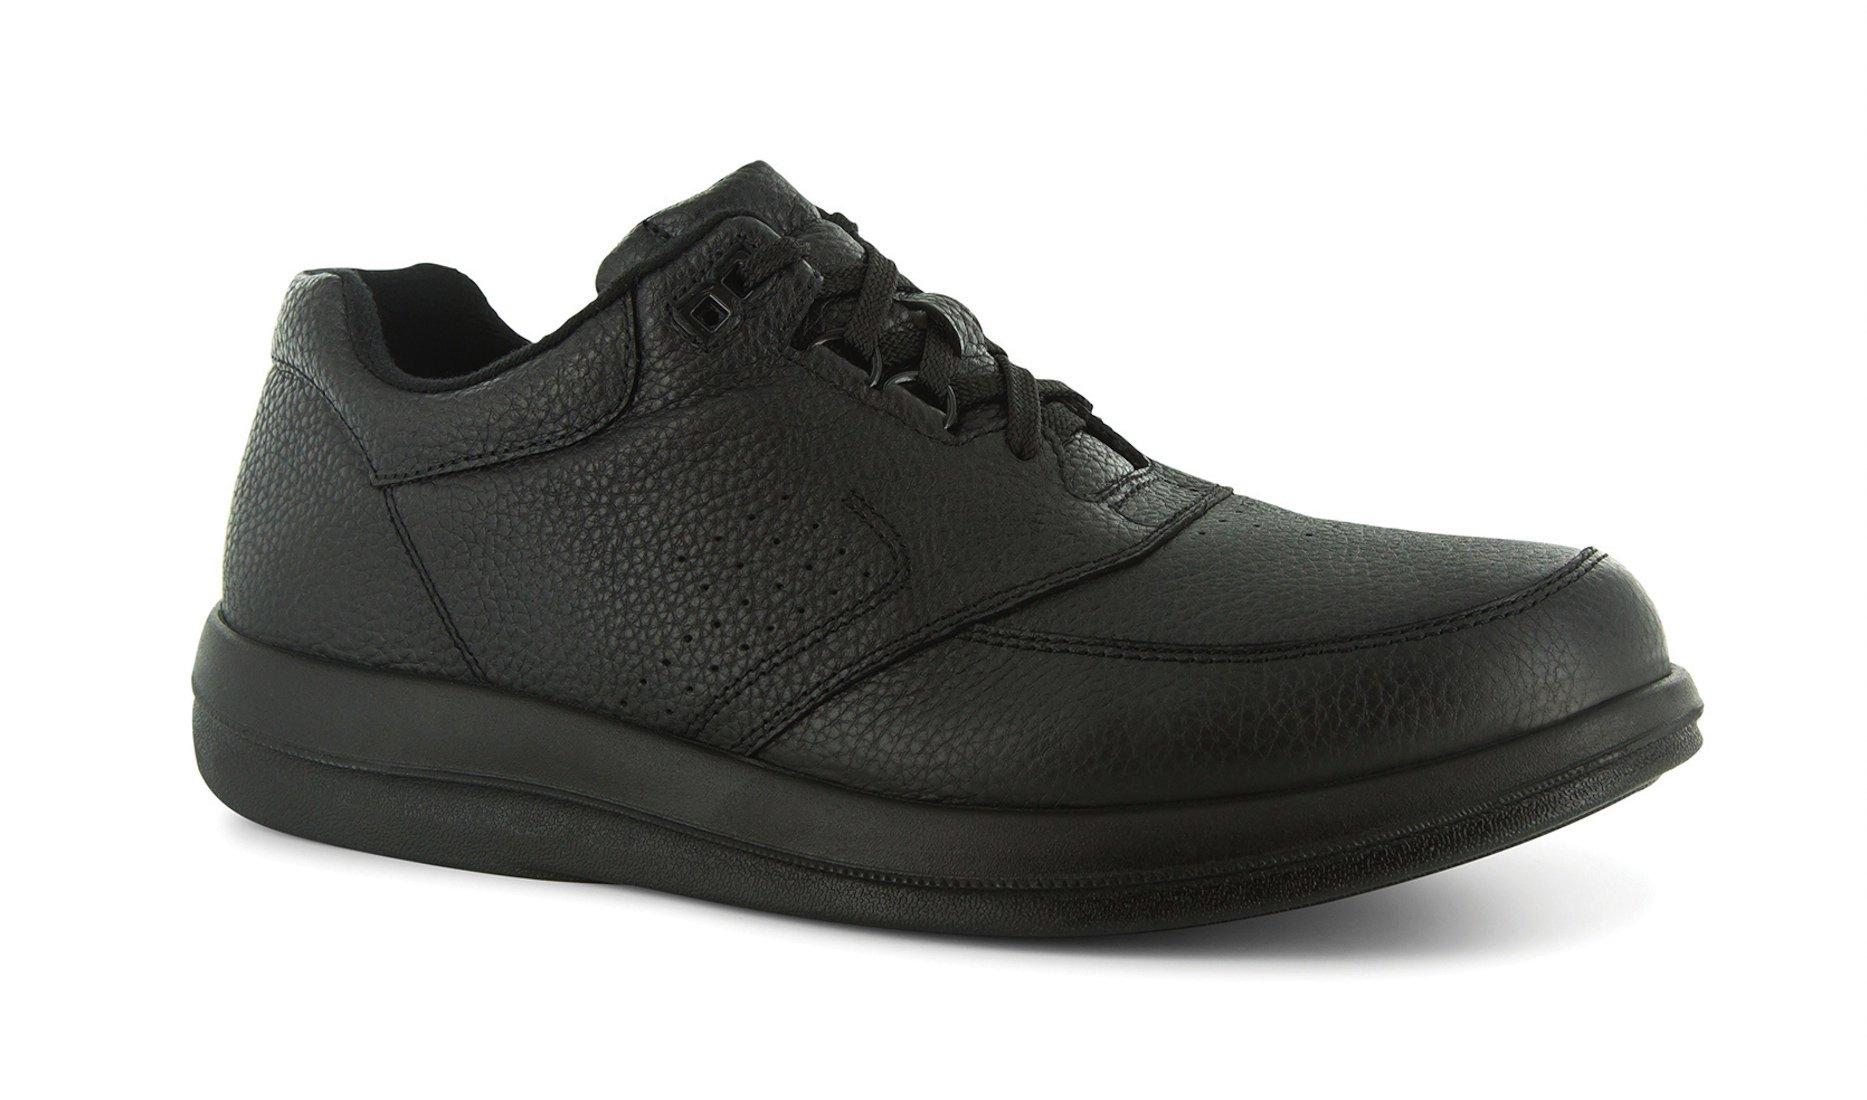 P W Minor Leisure Time Men's Therapeutic Casual Extra Depth Shoe: Black 12.5 X-Wide (2E-3E) Lace